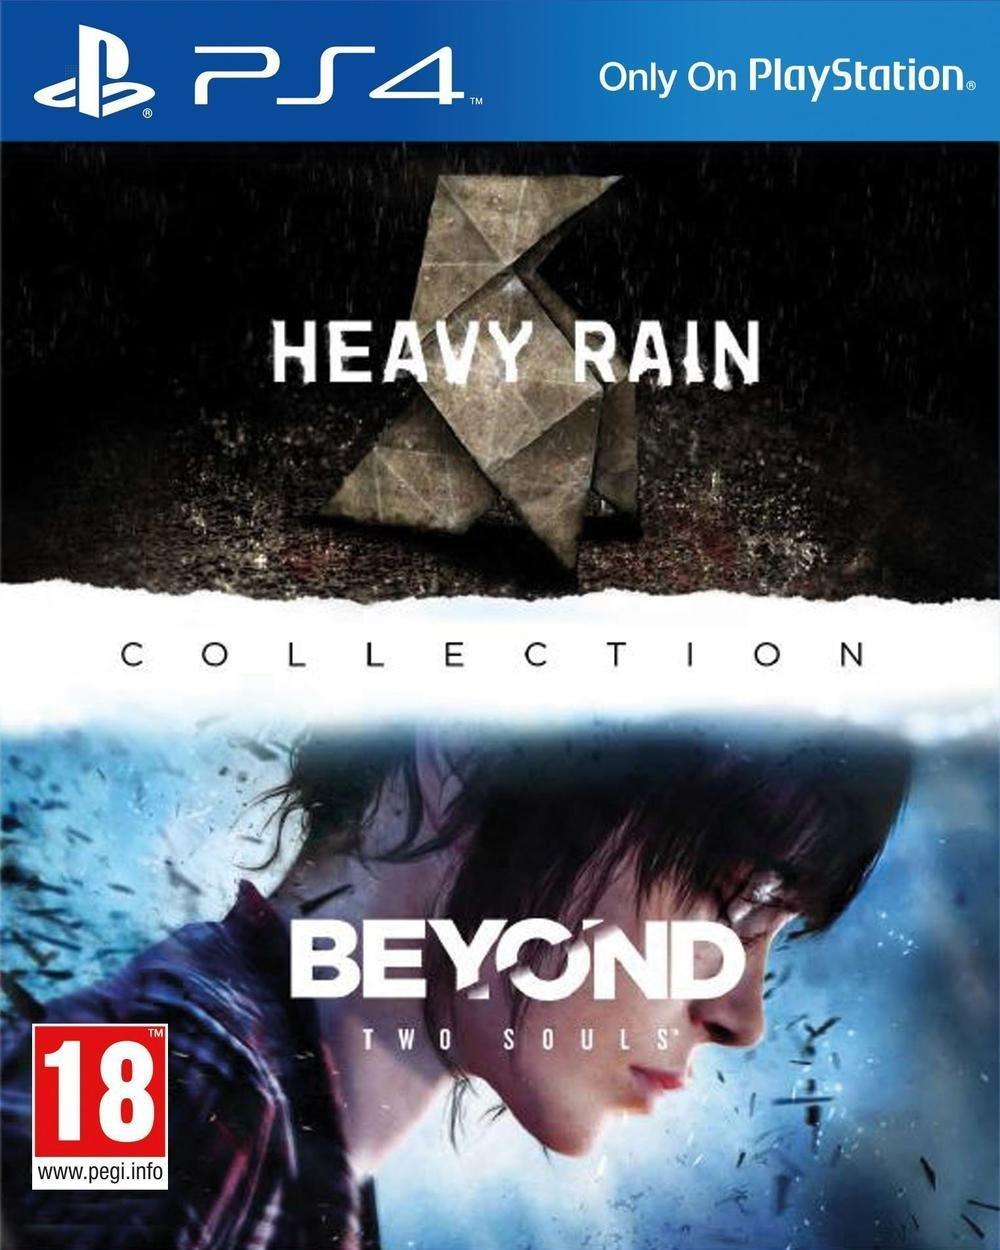 Heavy Rain + Beyond Two Souls sur PS4 à 34.03€ (livraison incluse) en ligne et